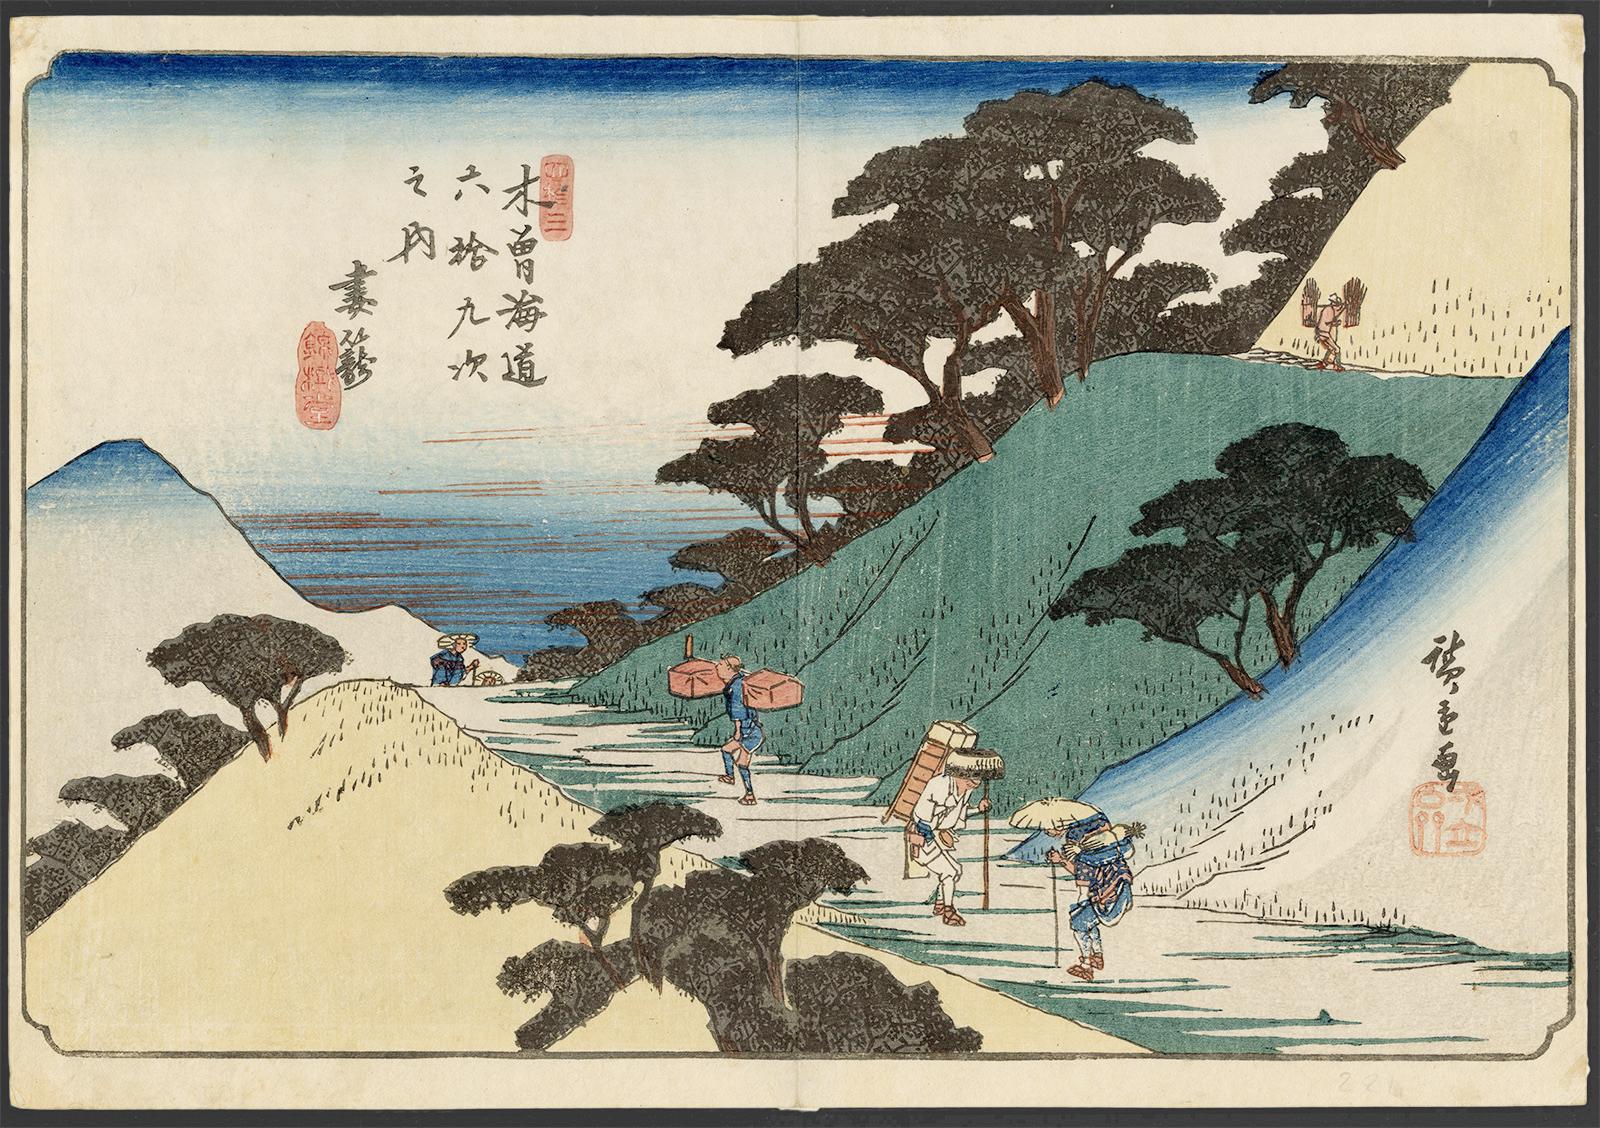 広重 / Hiroshige「木曽街道六拾九次 妻籠」